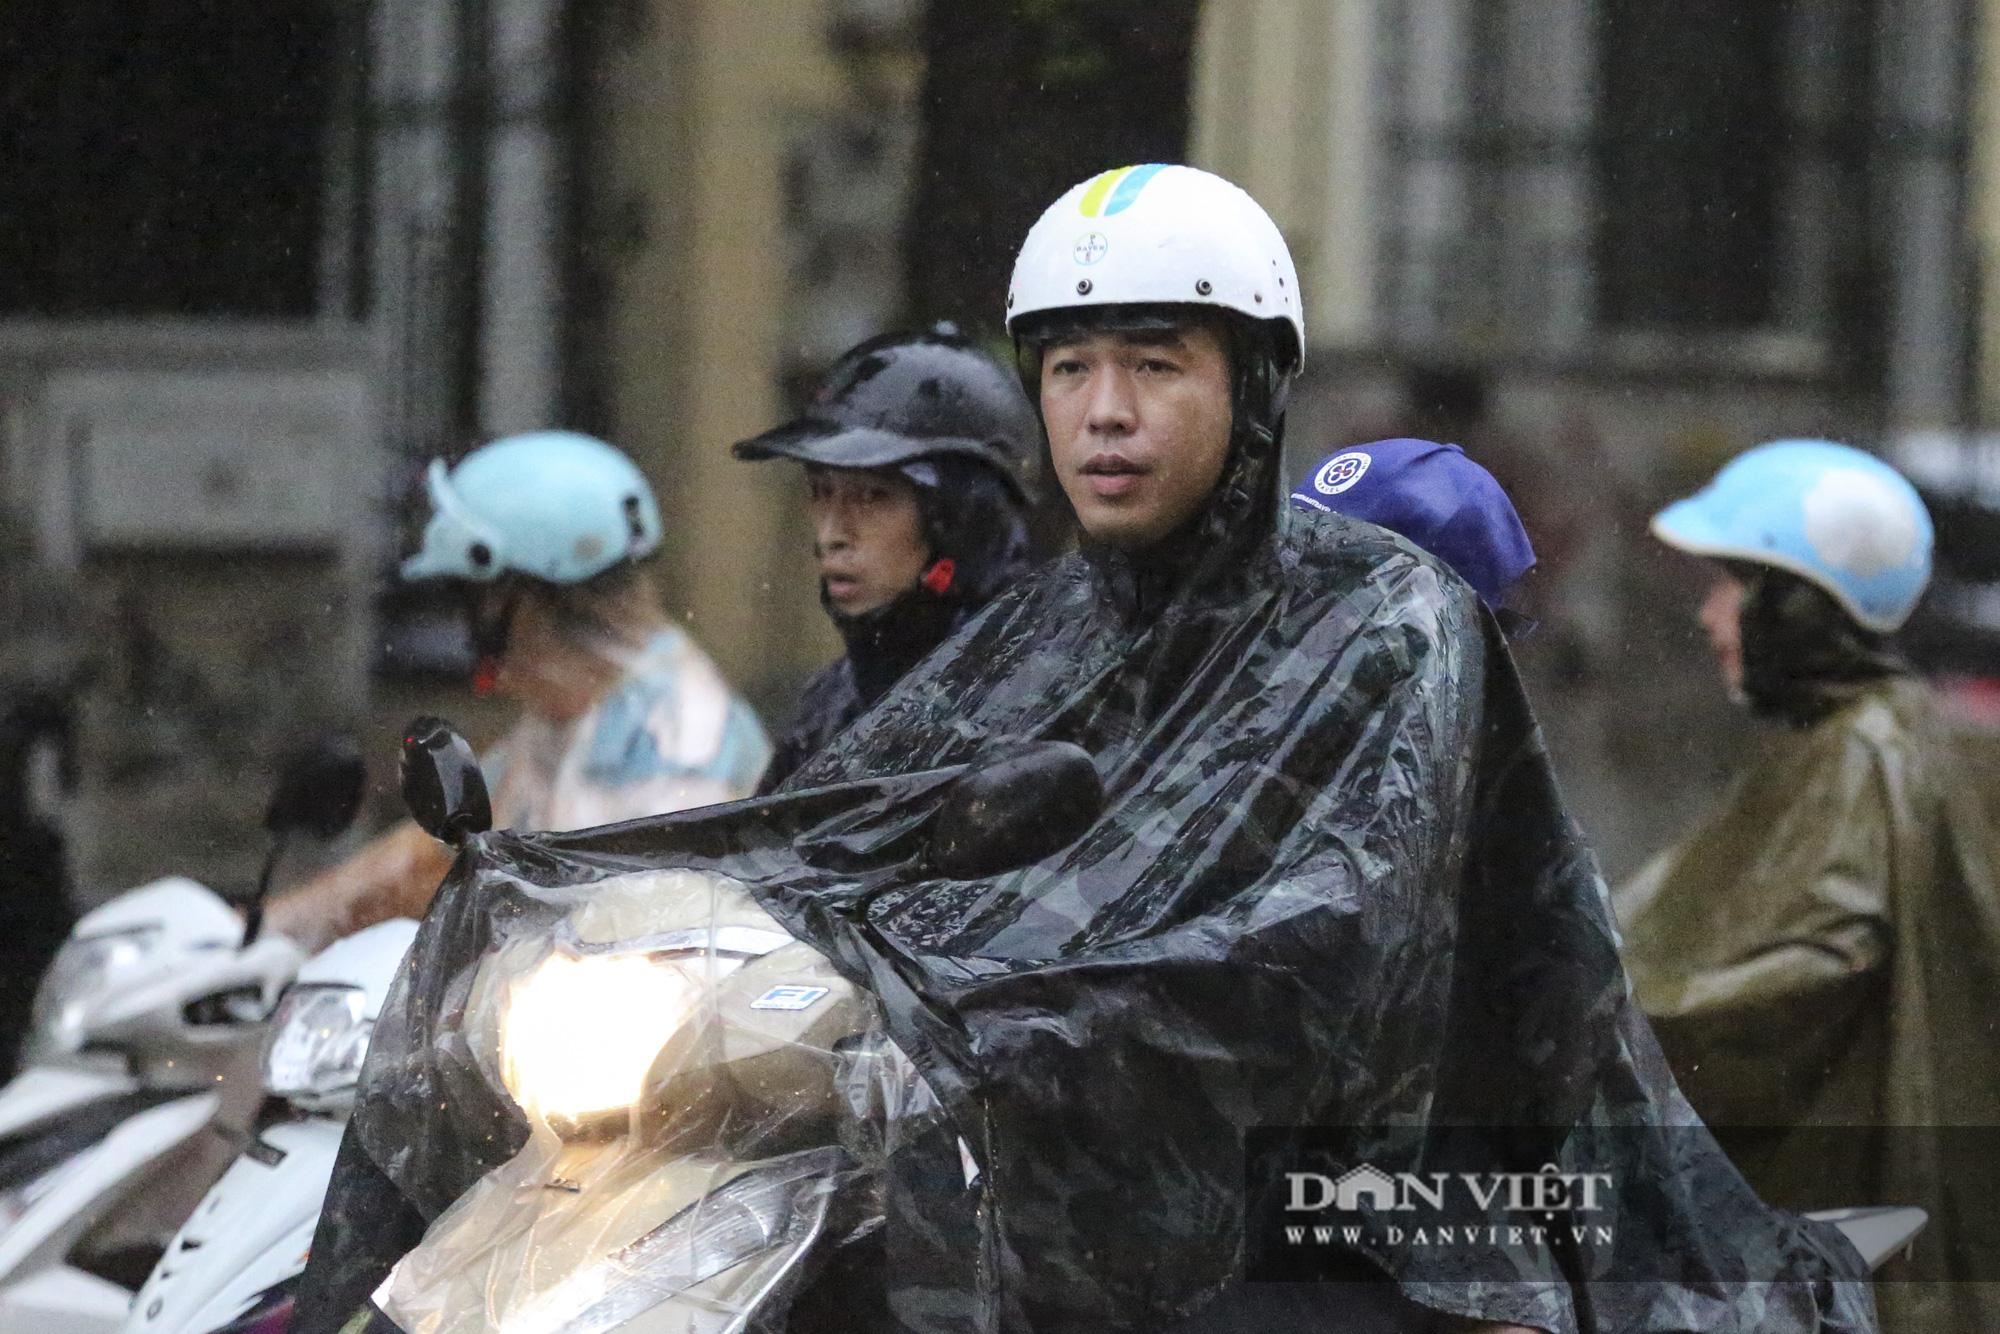 Sau bão số 2, Hà Nội mưa cả ngày khiến mực nước sông Tô Lịch bất ngờ dâng cao - Ảnh 9.